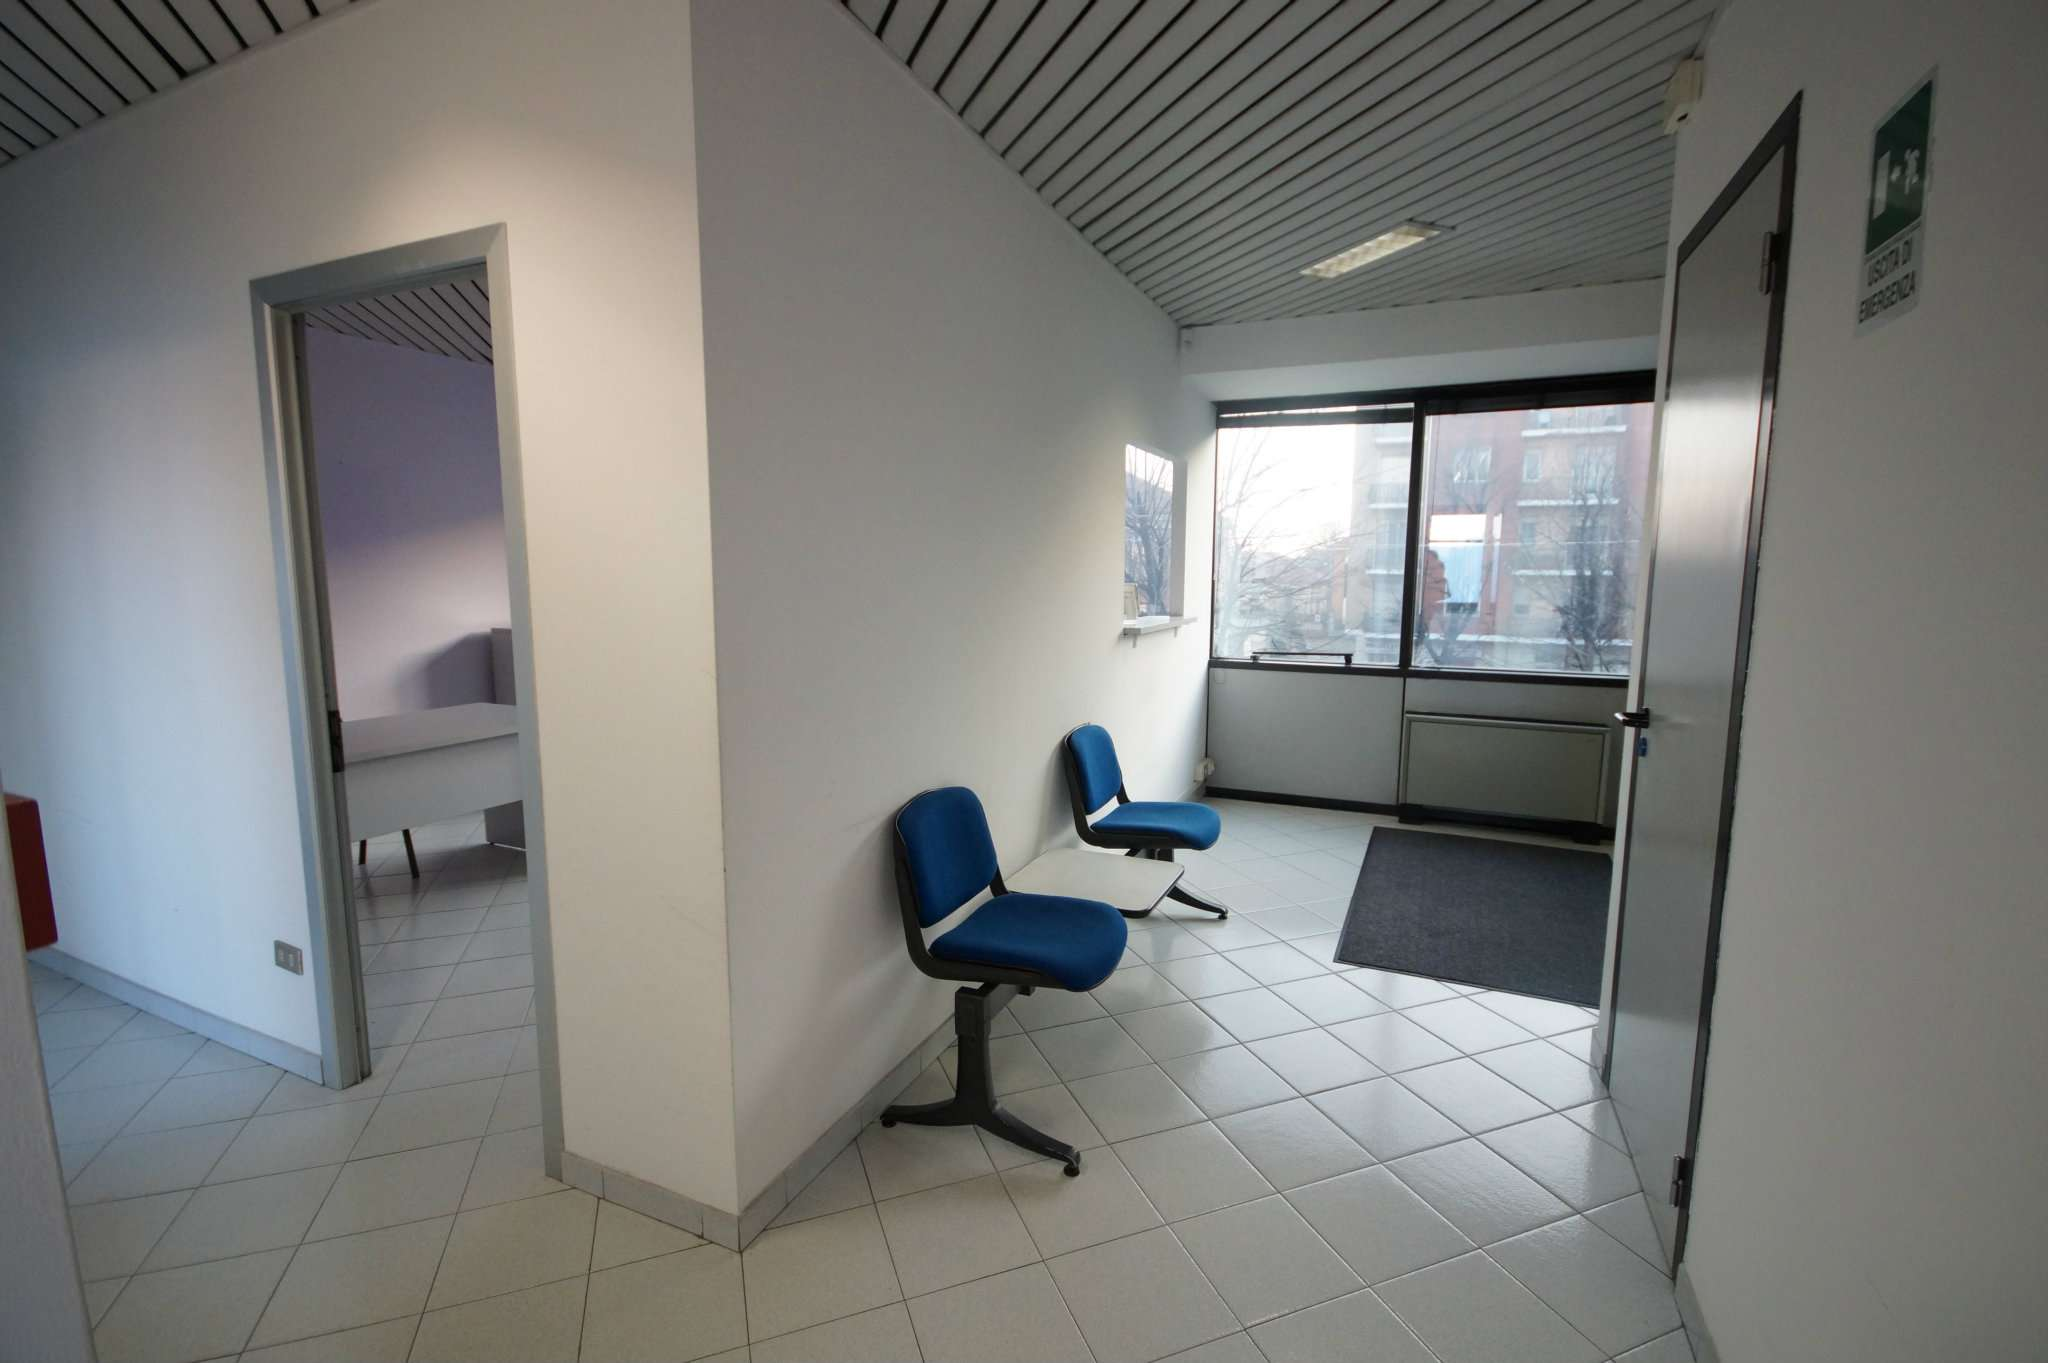 Ufficio / Studio in affitto a Rivoli, 7 locali, prezzo € 1.500 | CambioCasa.it